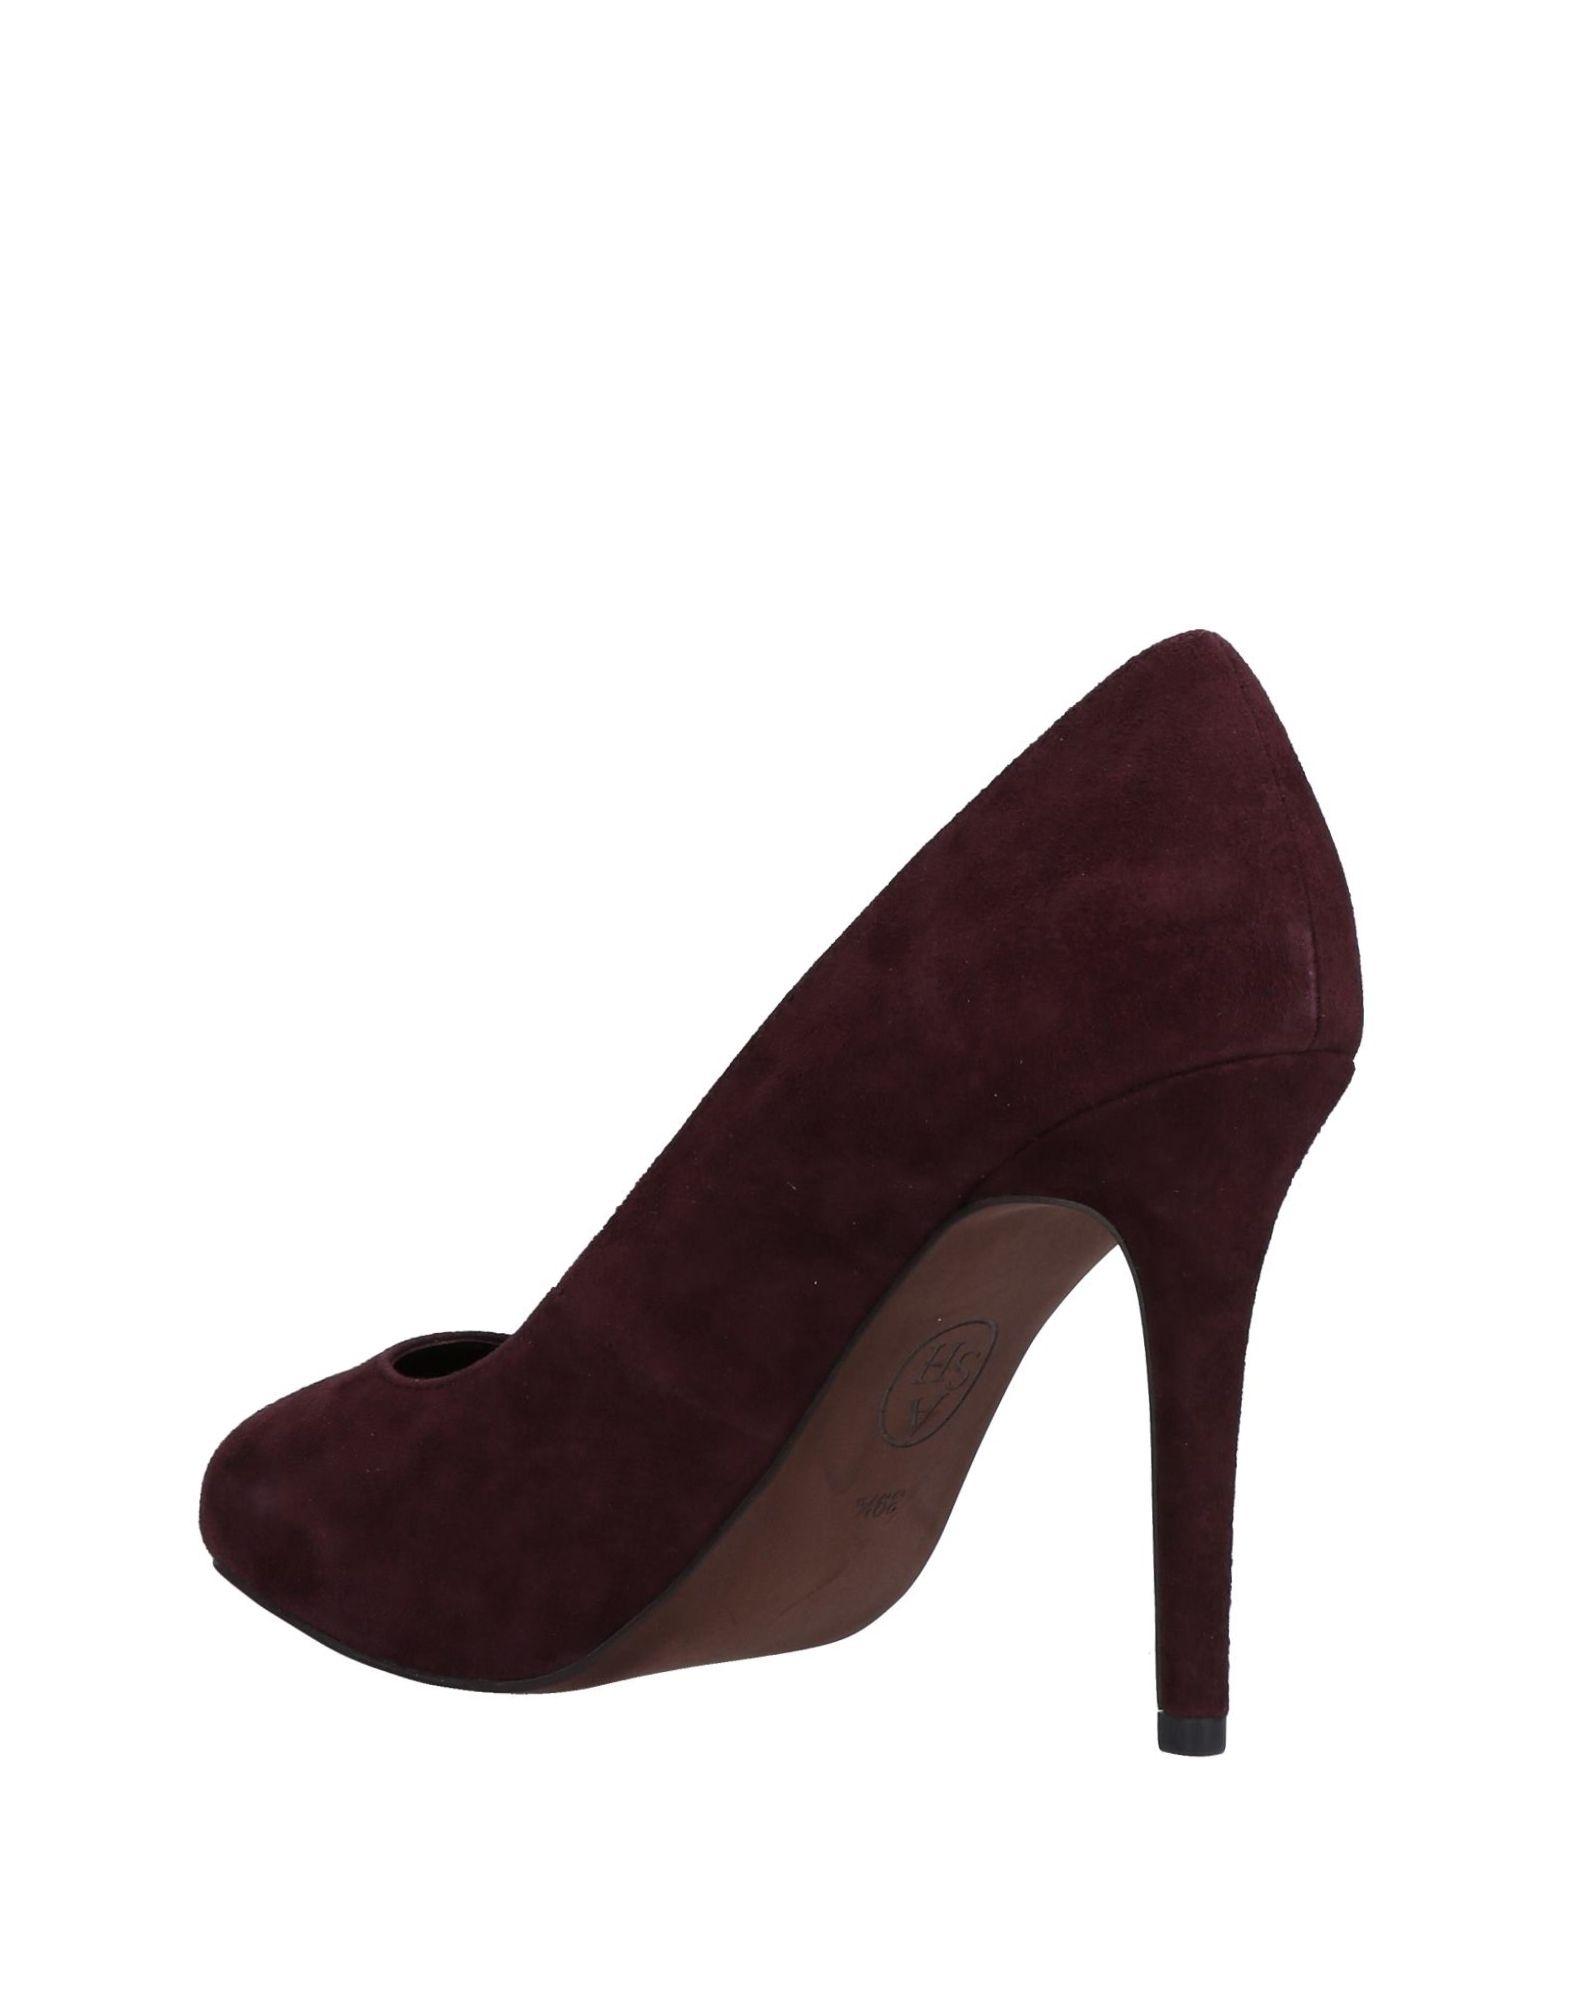 Ash Pumps Gute Damen  11519290QG Gute Pumps Qualität beliebte Schuhe 25c8d3